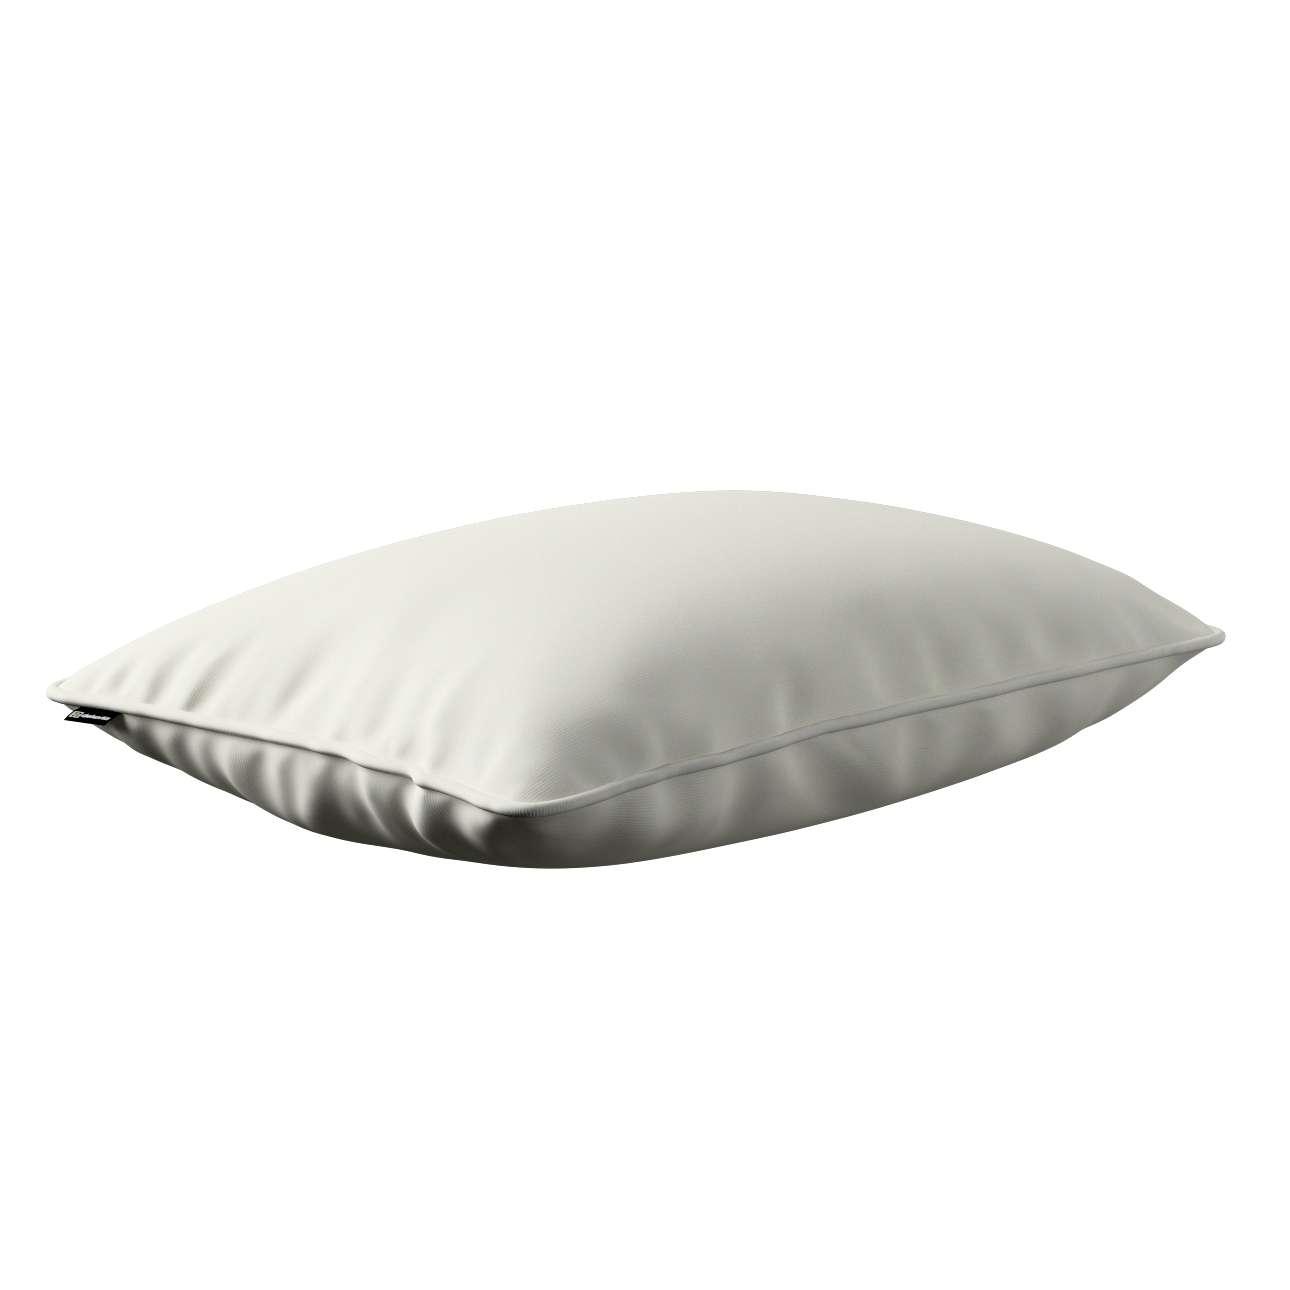 Poszewka Gabi na poduszkę prostokątna 60 x 40 cm w kolekcji Jupiter, tkanina: 127-00